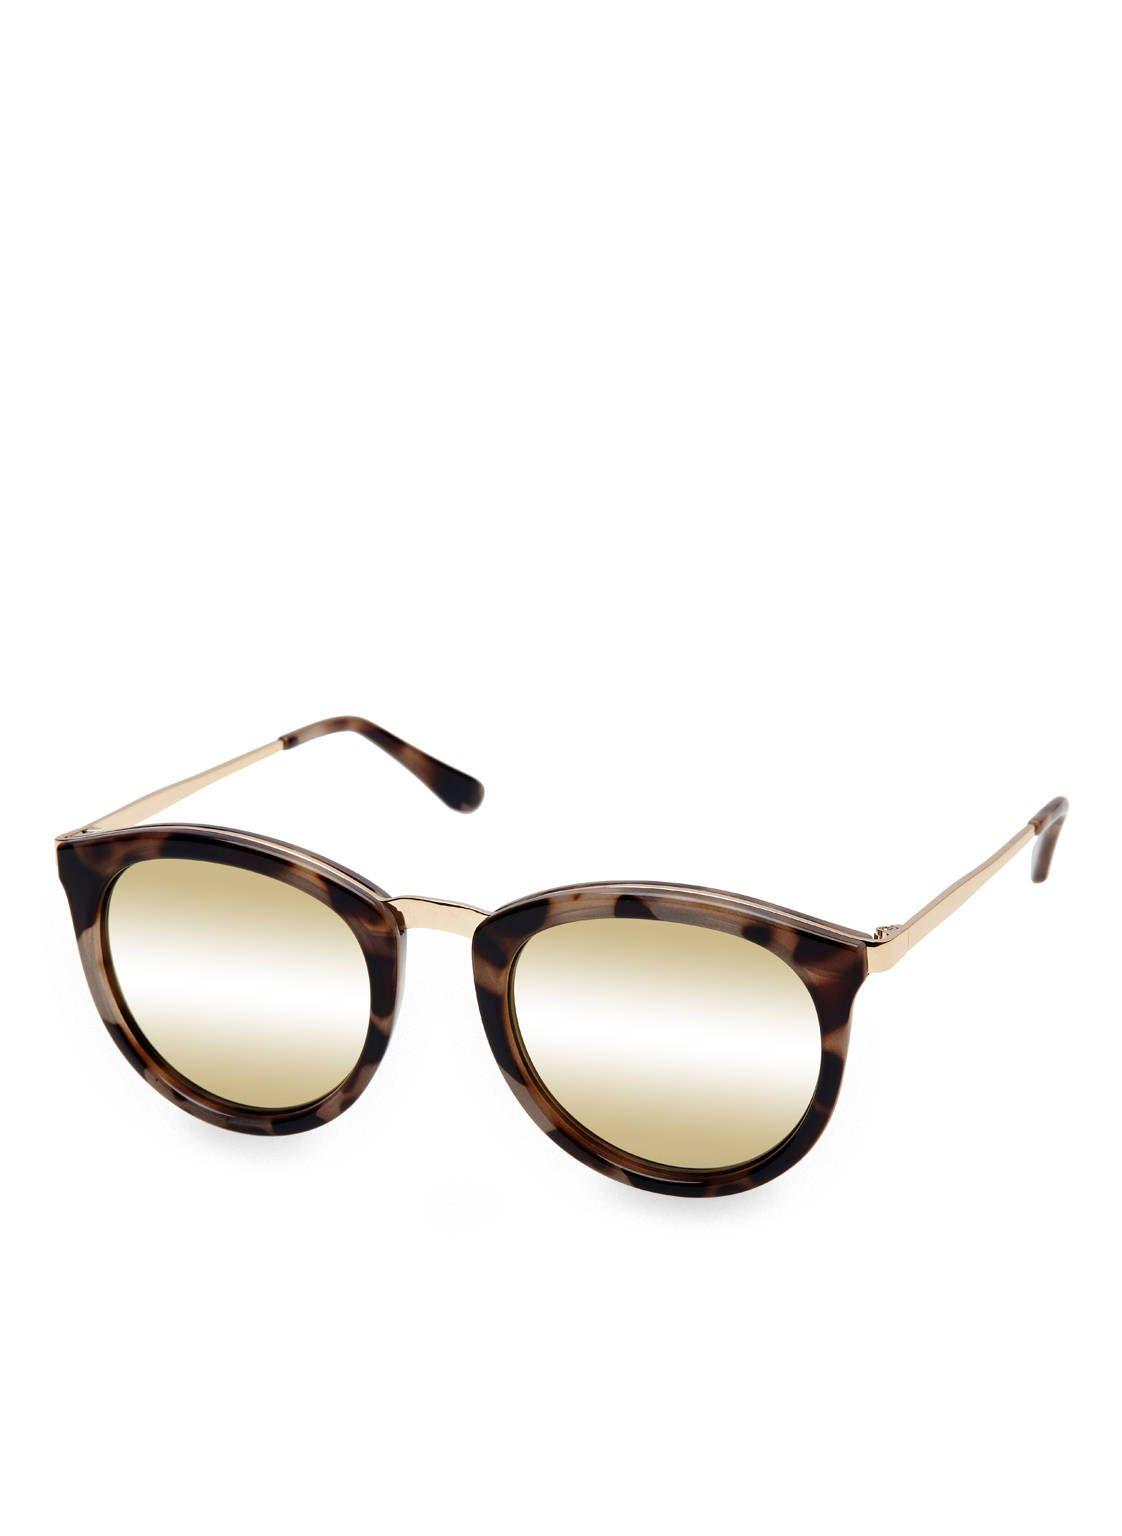 Ein Must-have für jede Fashion-Liebhaberin ist die Sonnenbrille NO SMIRKING, eine Limited Edition aus der zweiten Kollaboration des australischen Labels Le Specs und der deutschen Mode-Bloggerin Lena Terlutter. Das Modell begeistert durch stylish interpretierten Retro-Charme: die Komposition aus Rahmen mit raffiniertem Print und runden Gläsern funktioniert perfekt. Investieren Sie in diesen exquisiten Eyecatcher!Details:Runde GläserGläser je nach Modell: klassisch, verspiegelt, polarisiert…